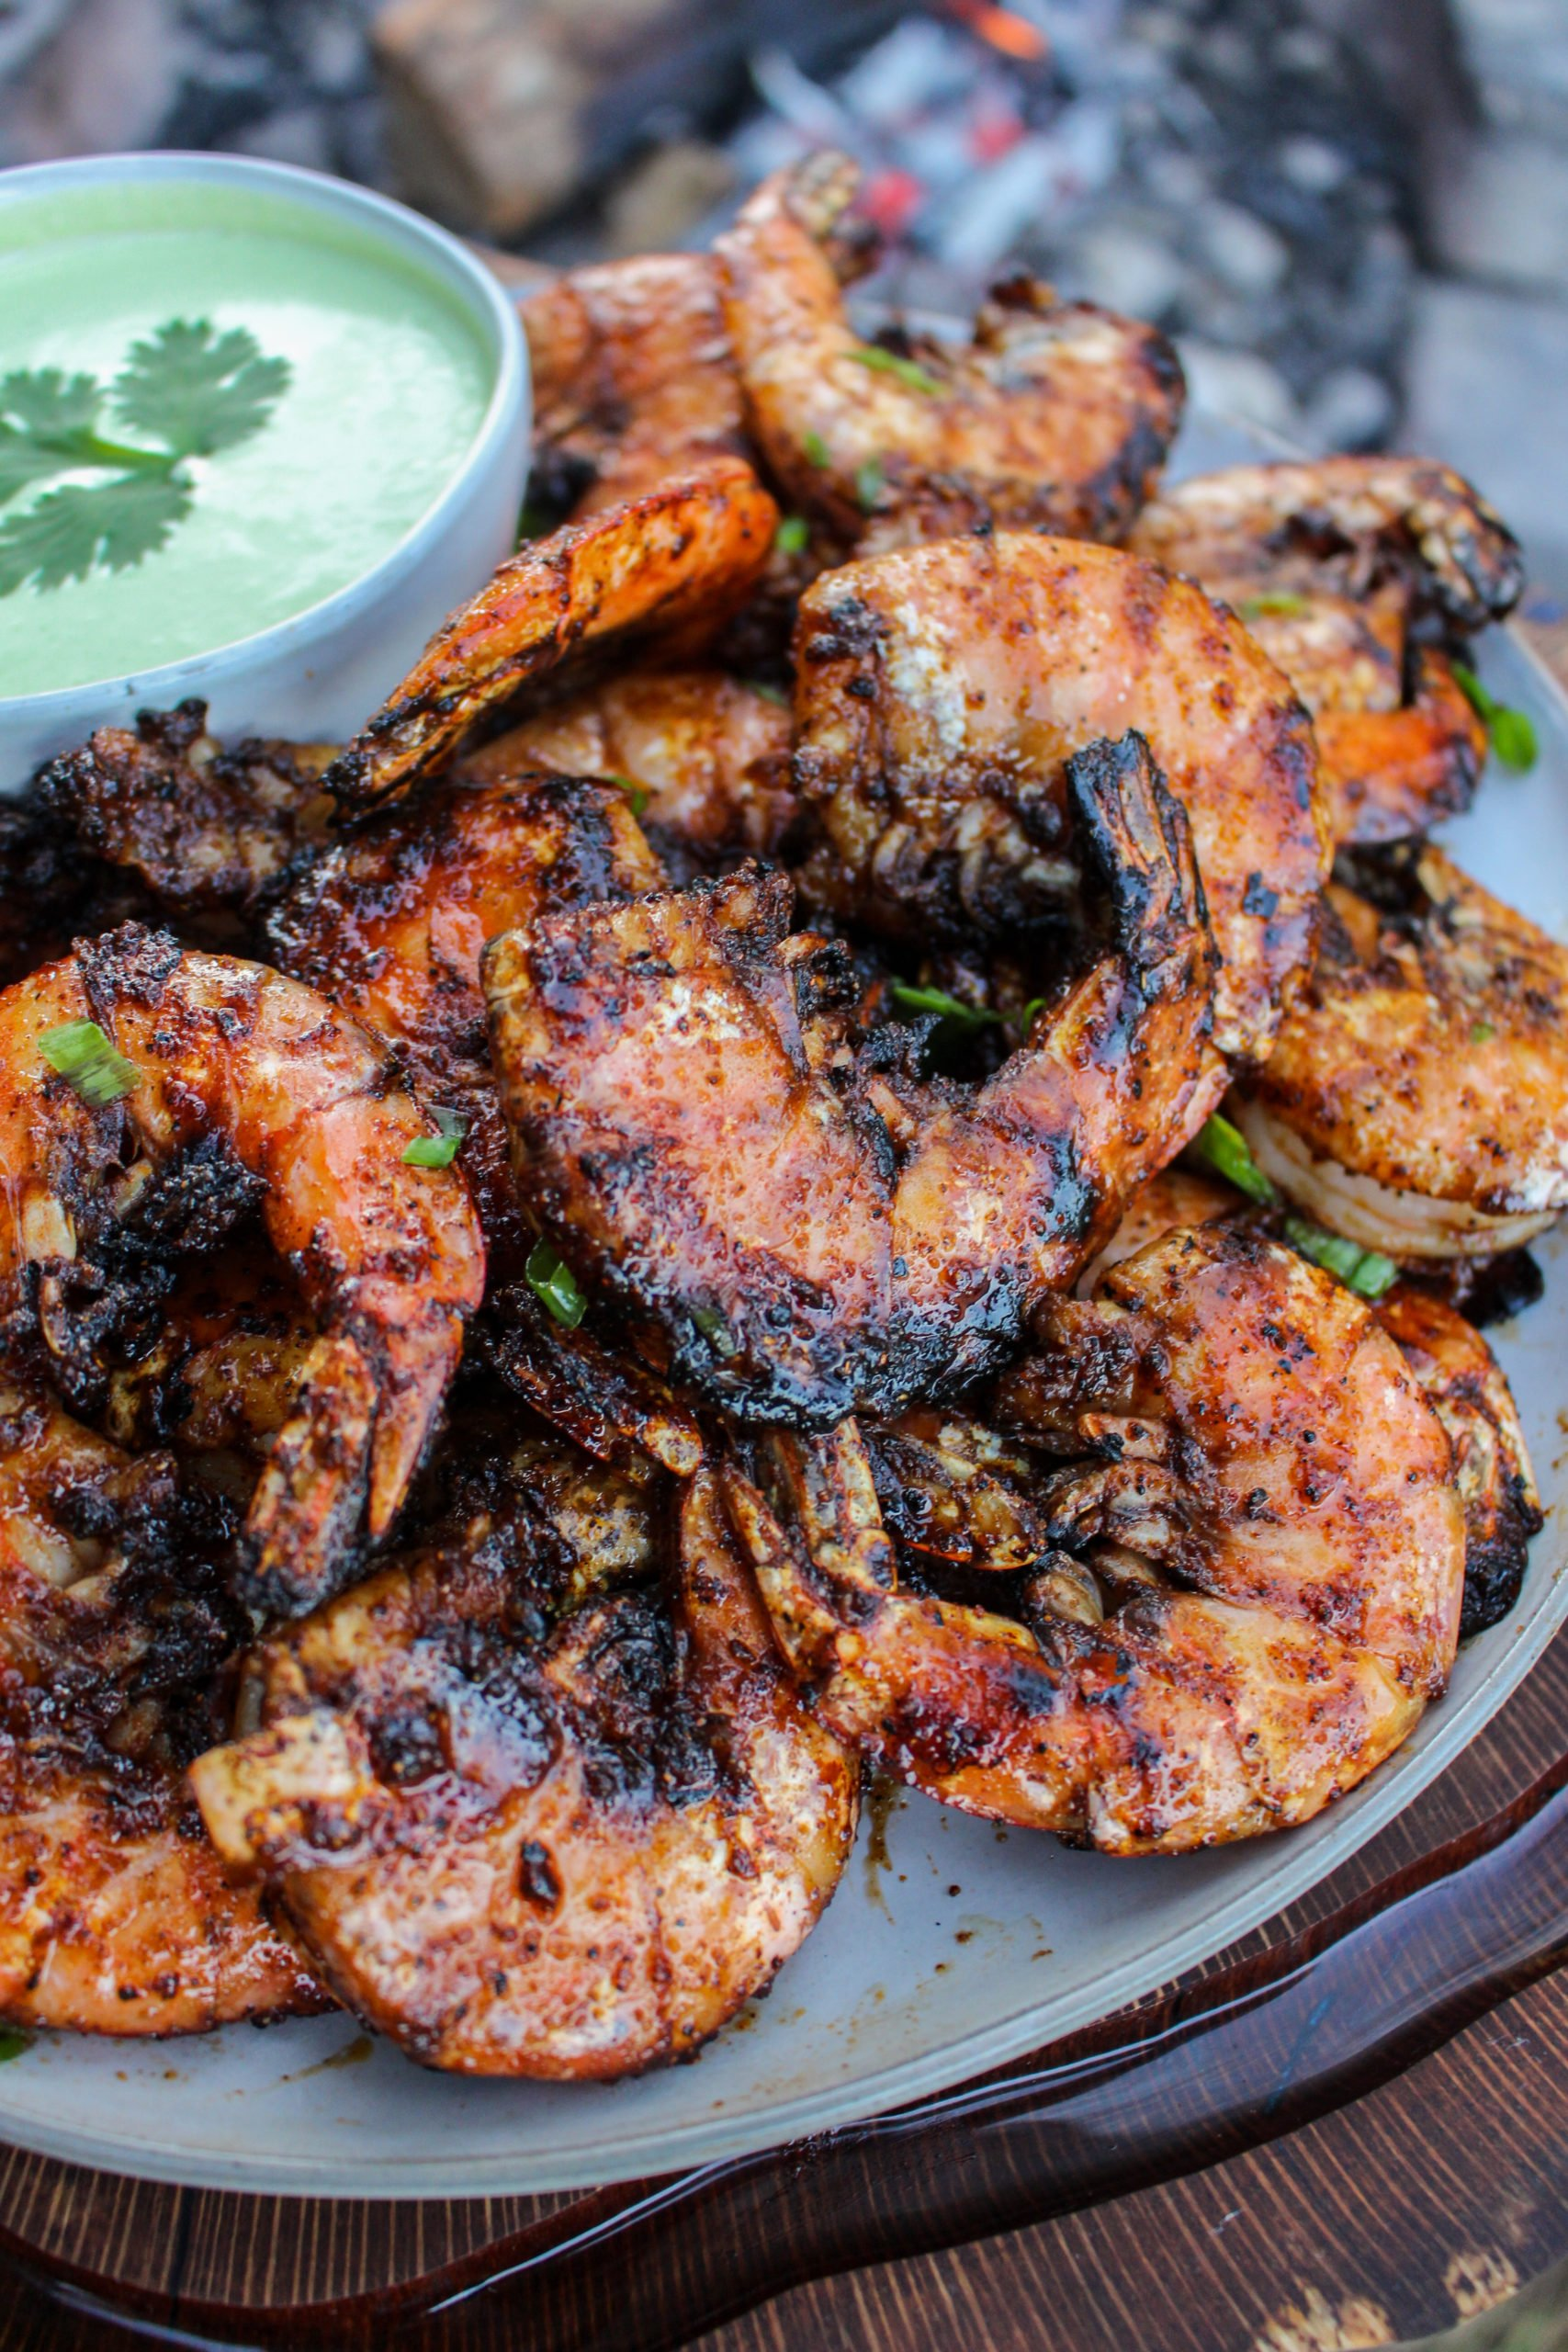 Nashville Hot Grilled Shrimp close up.